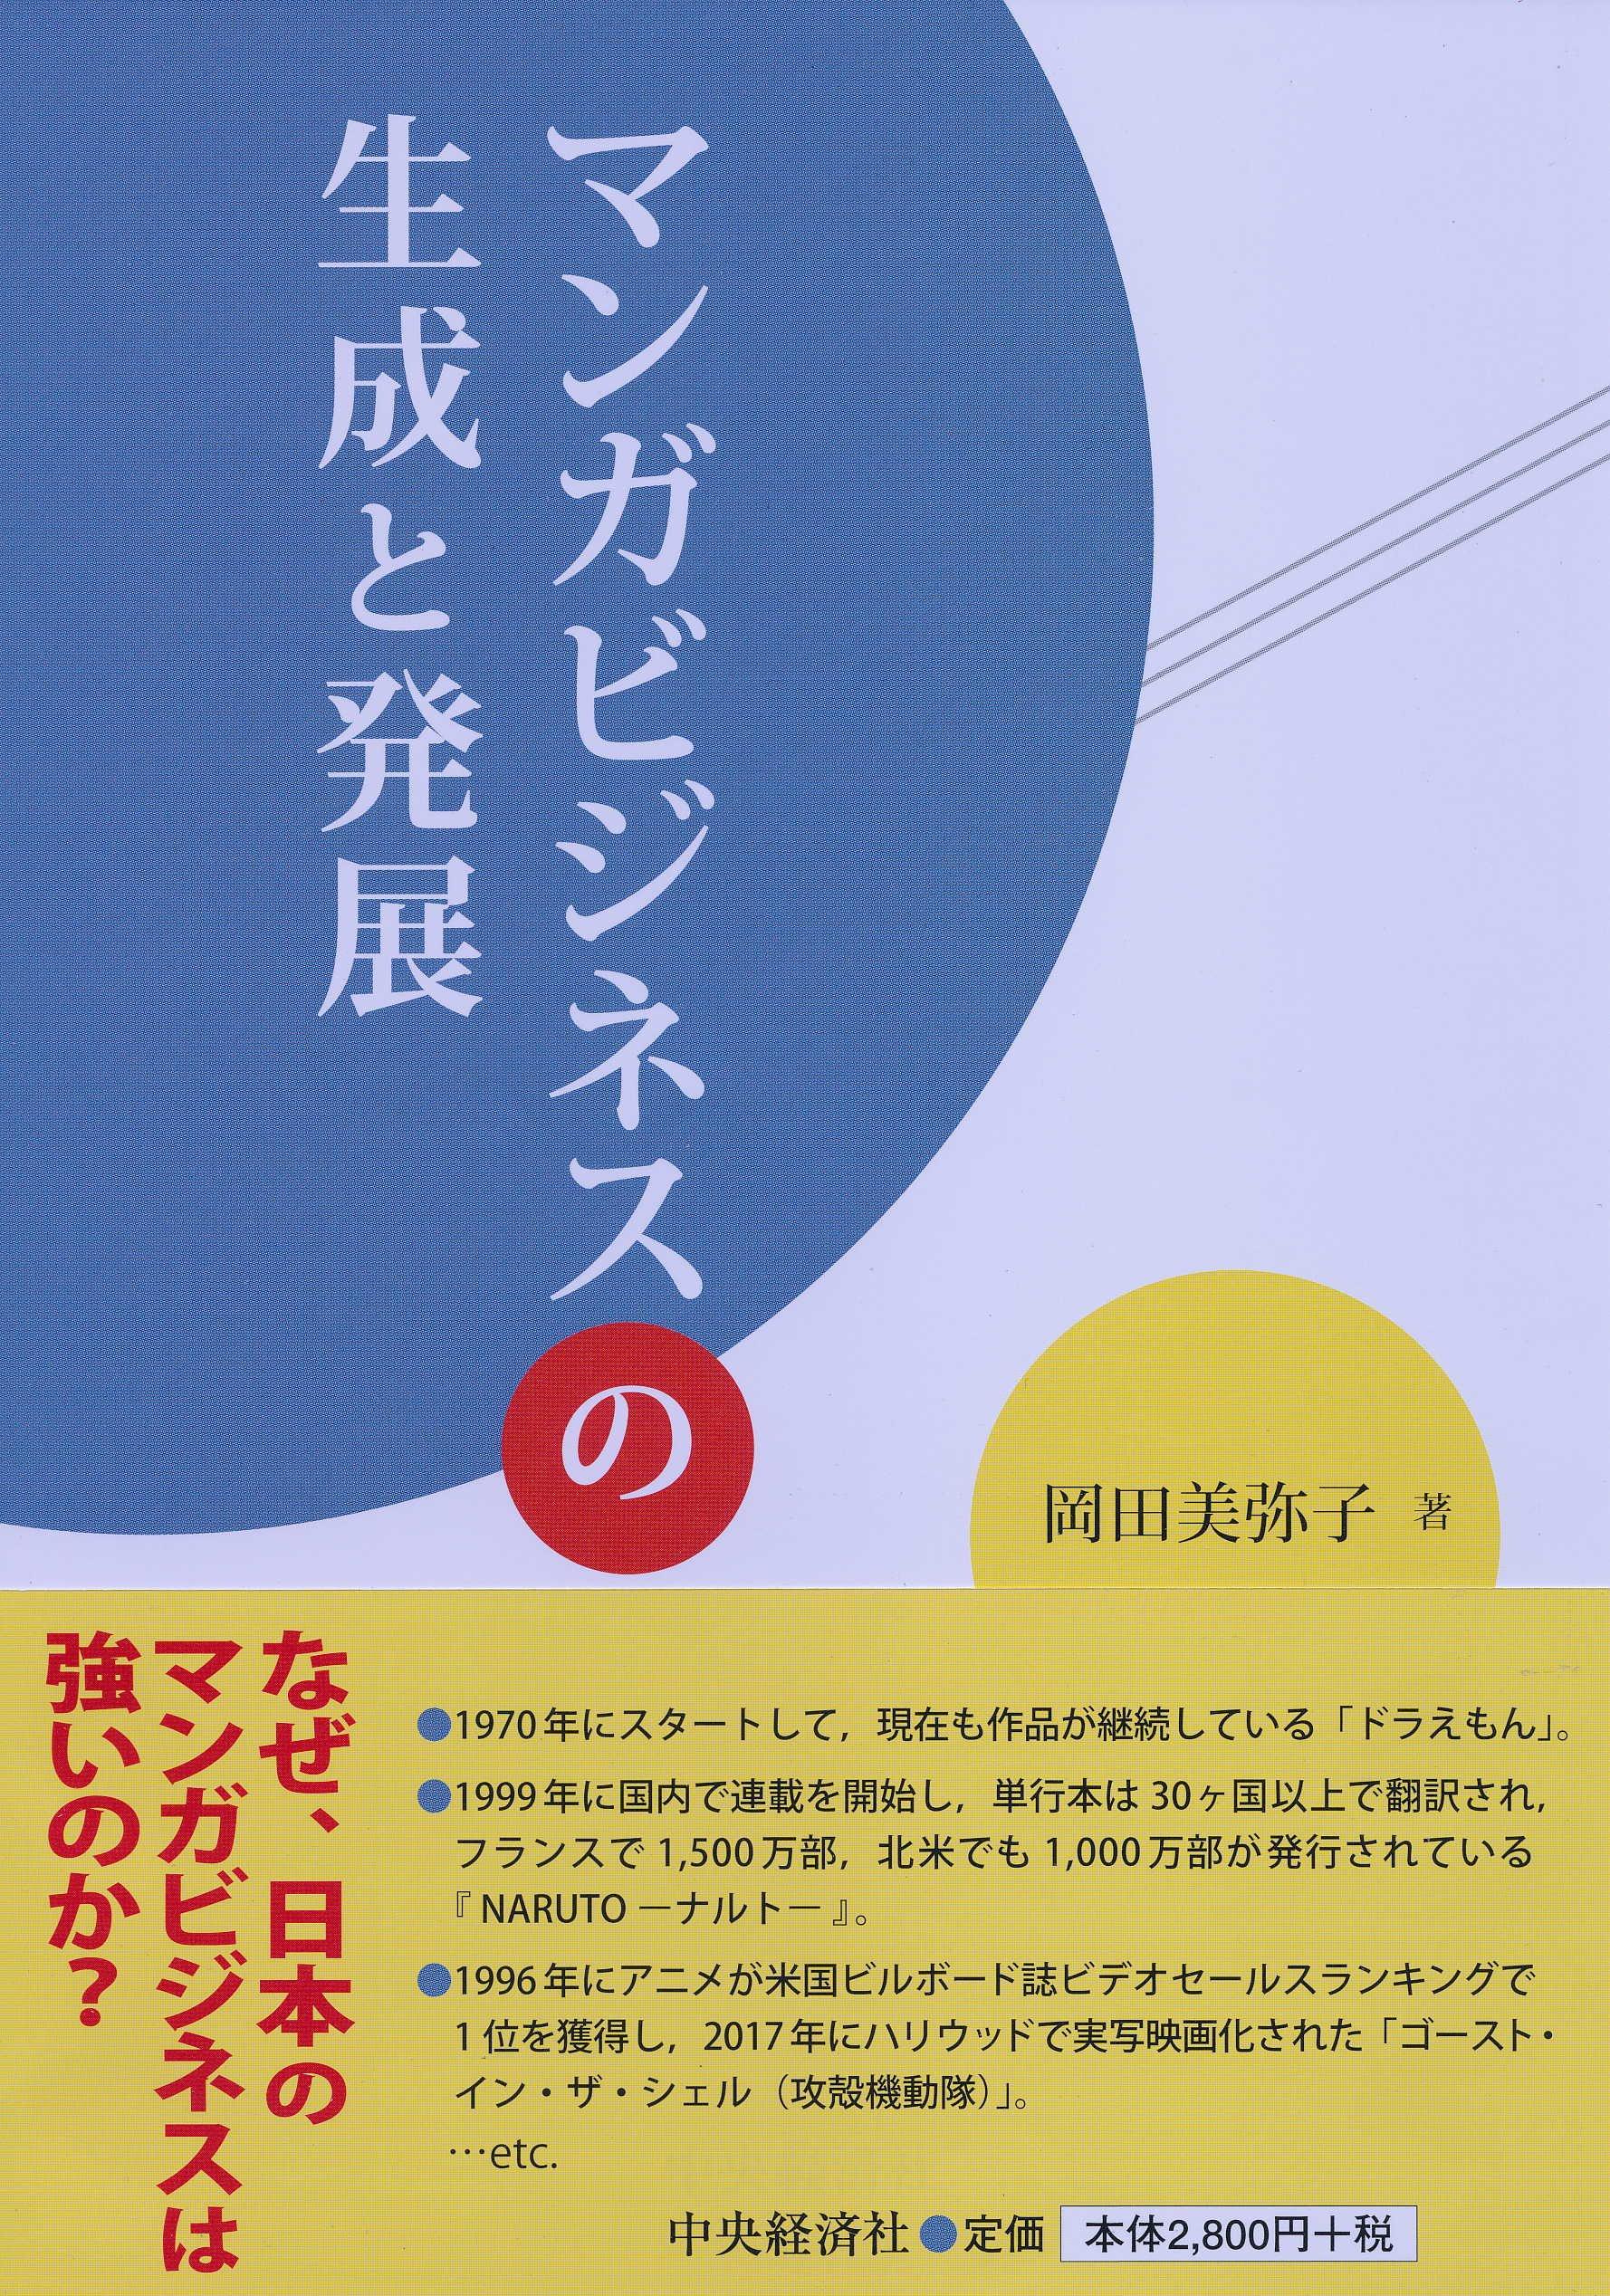 岡田美弥子(北海道大学)著『マンガビジネスの生成と発展』